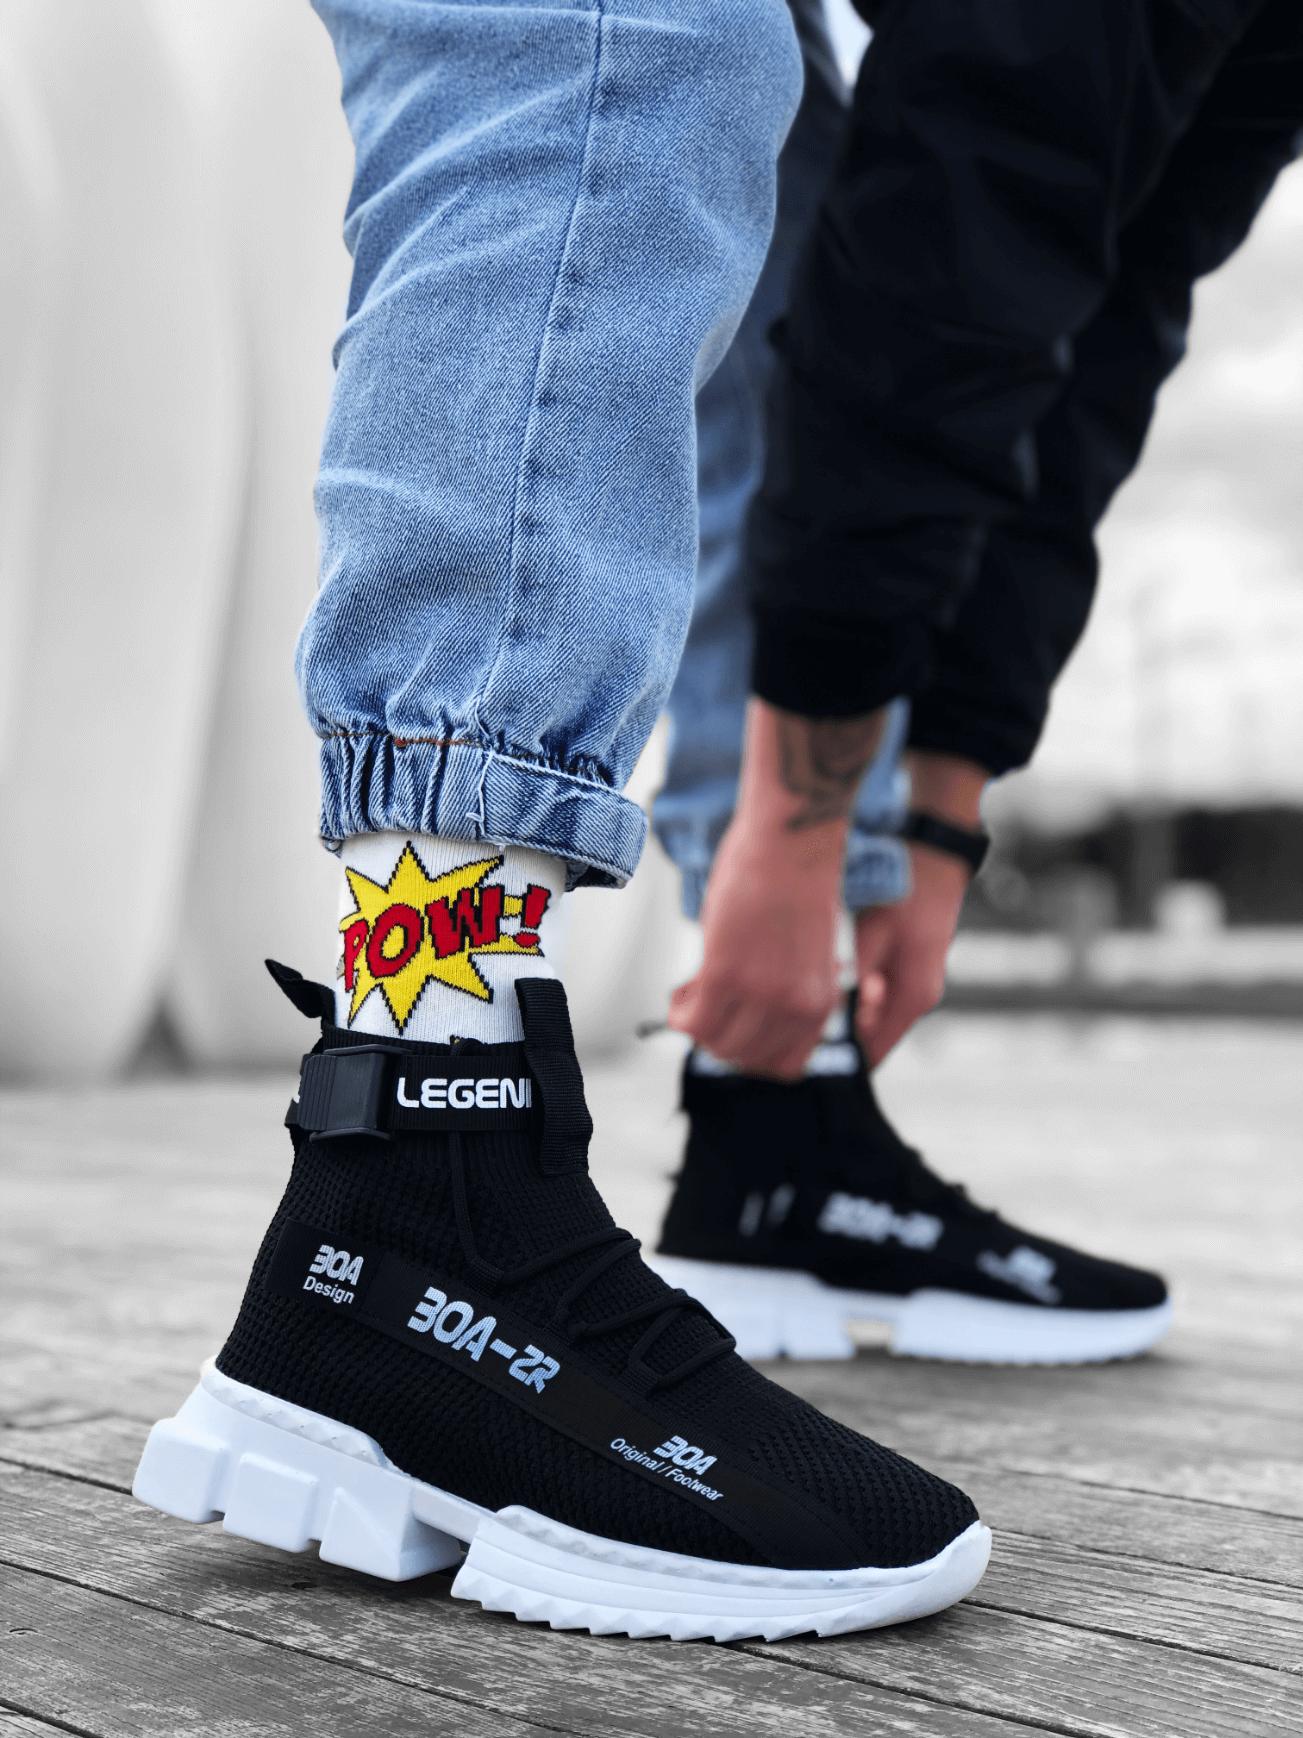 Erkek Zr-x700 Tarz Siyah Renk Spor Ayakkabı